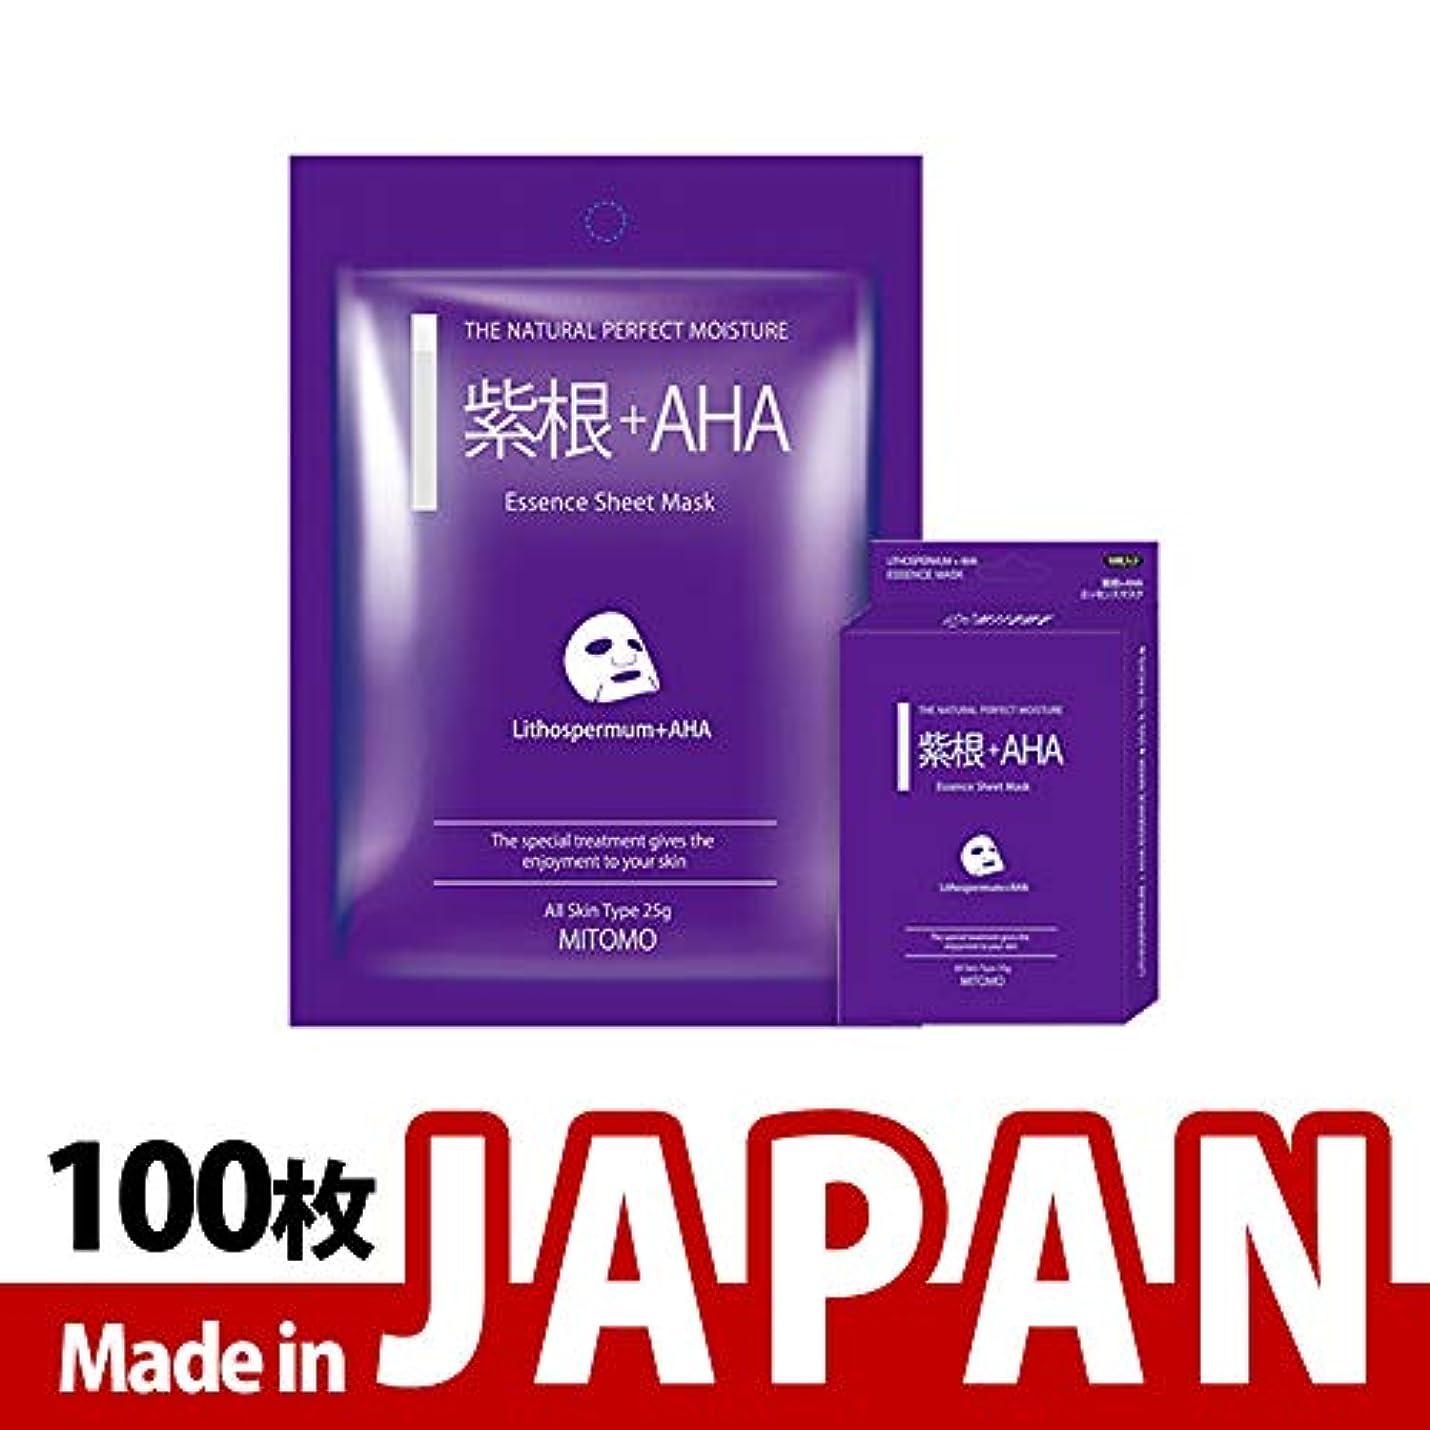 助言接地解任MITOMO【MC001-A-2】日本製シートマスク/10枚入り/100枚/美容液/マスクパック/送料無料